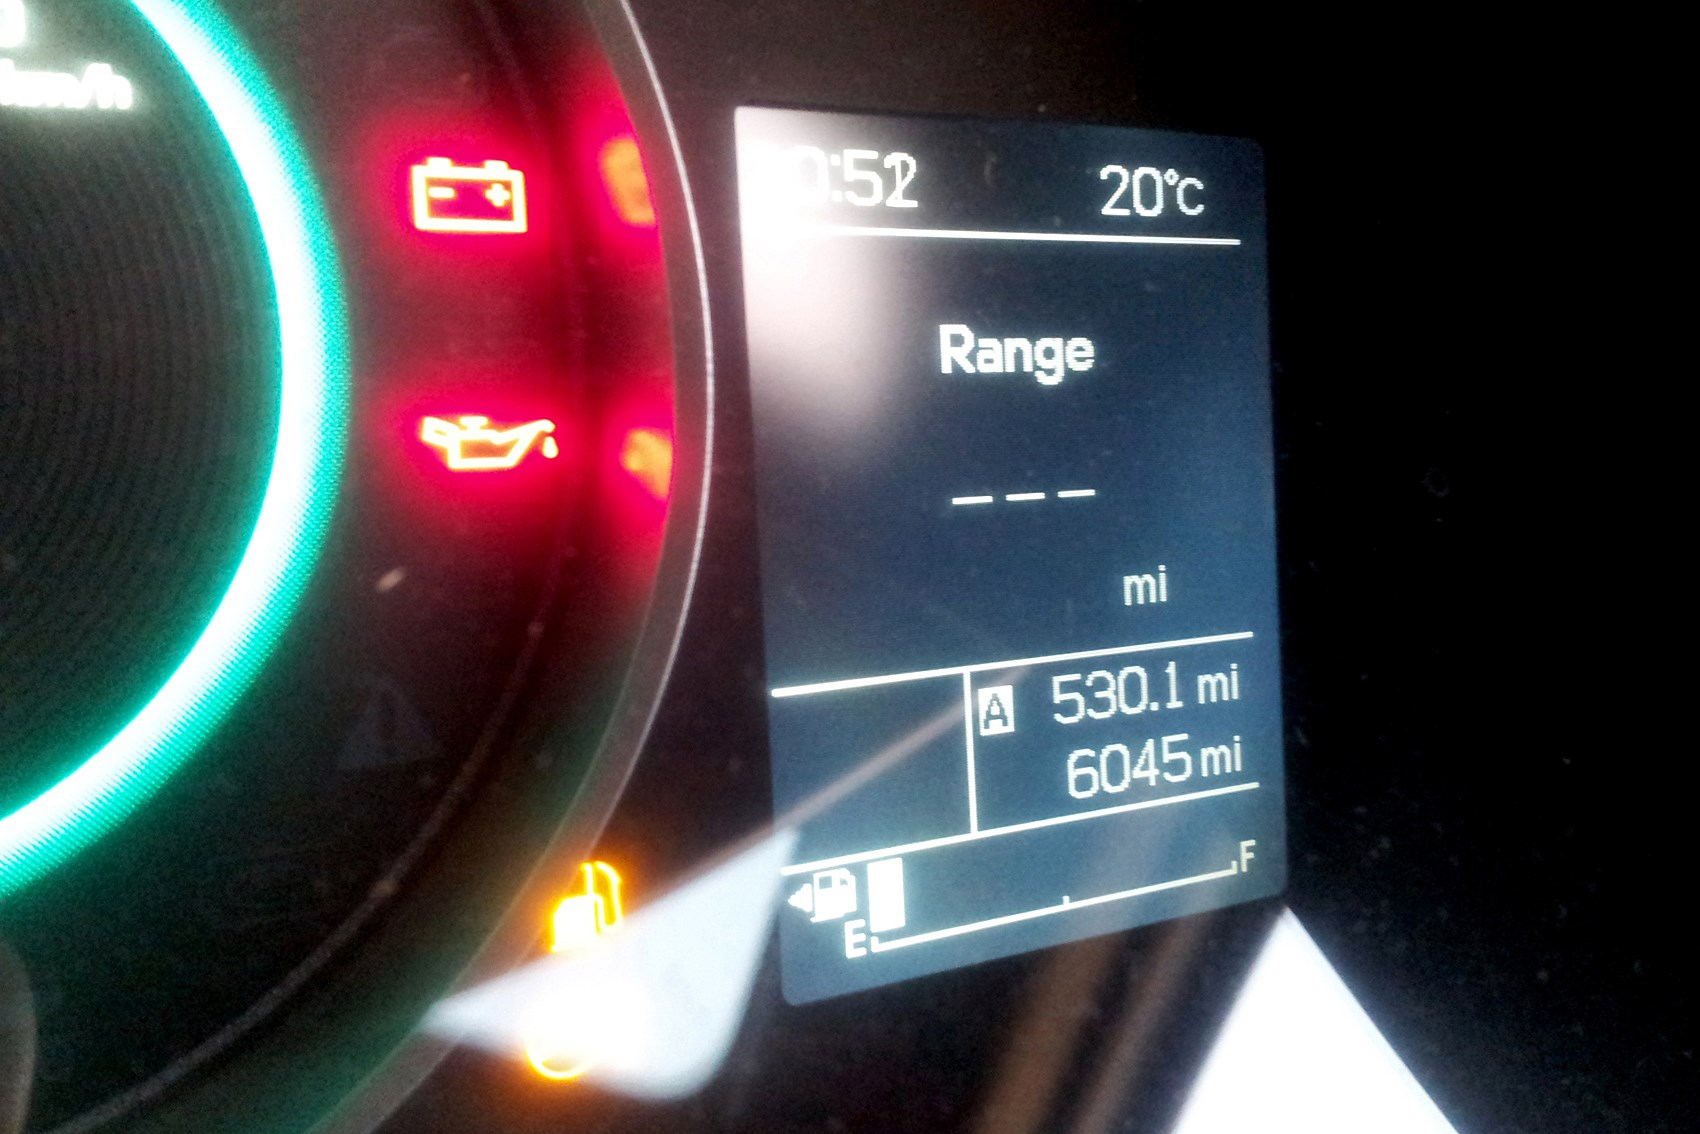 Suzuki Ignis long term fuel consumption